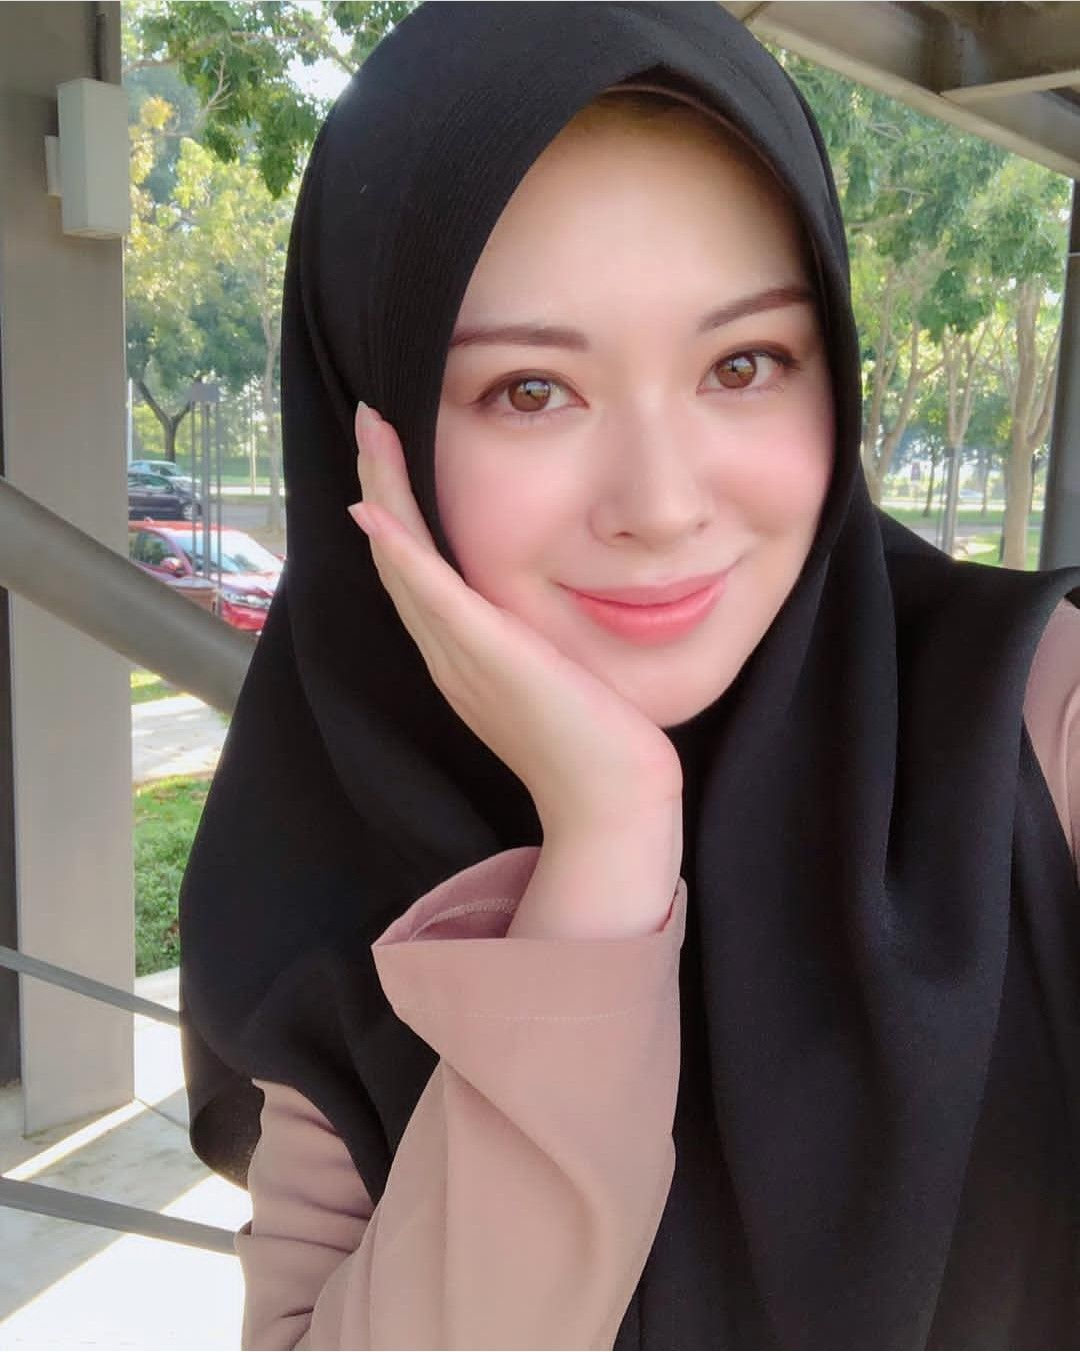 Ayana Jihye Moon Anak Perempuan Foto Gadis Cantik Gadis Cantik Asia